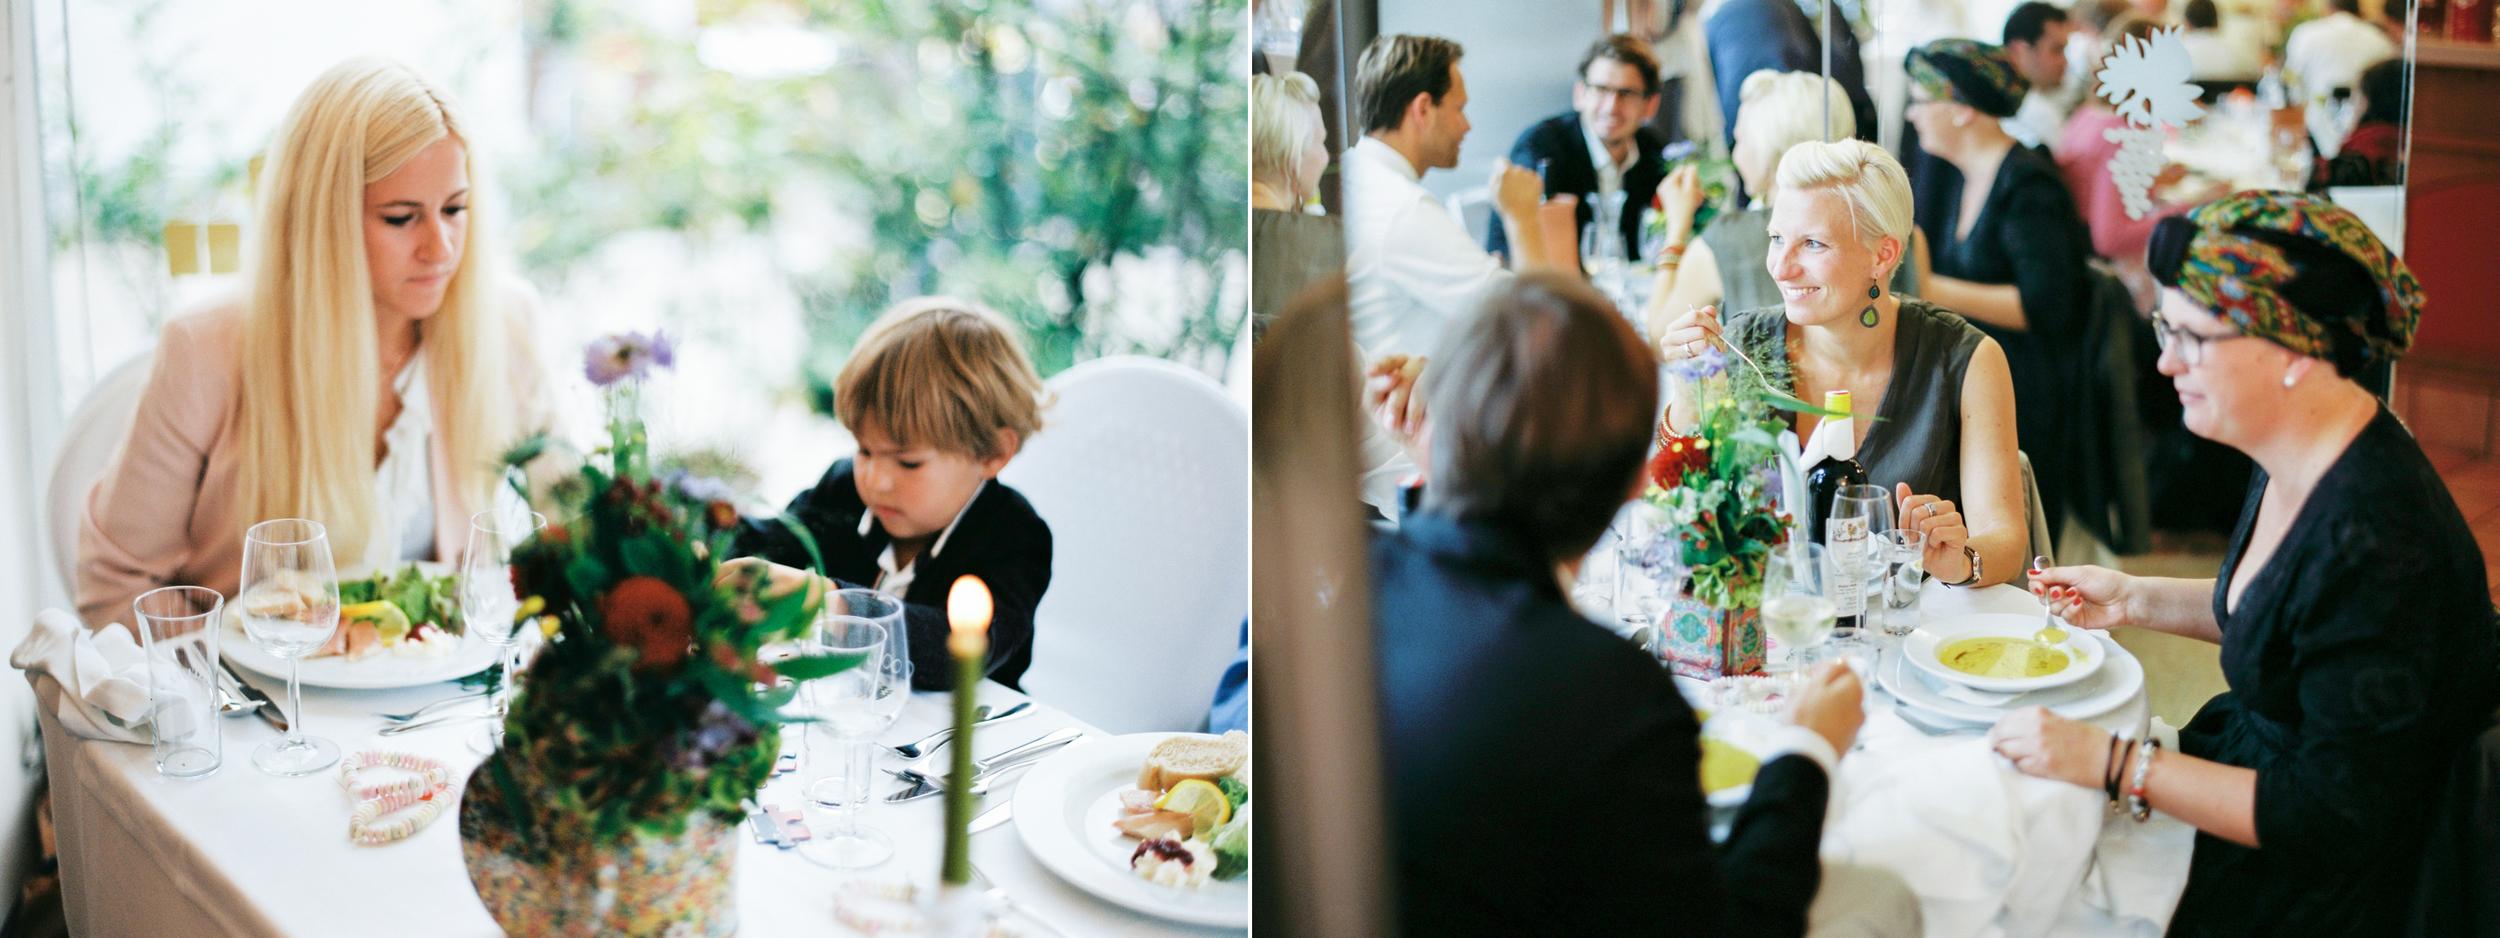 S&B-Hochzeit-90.jpg